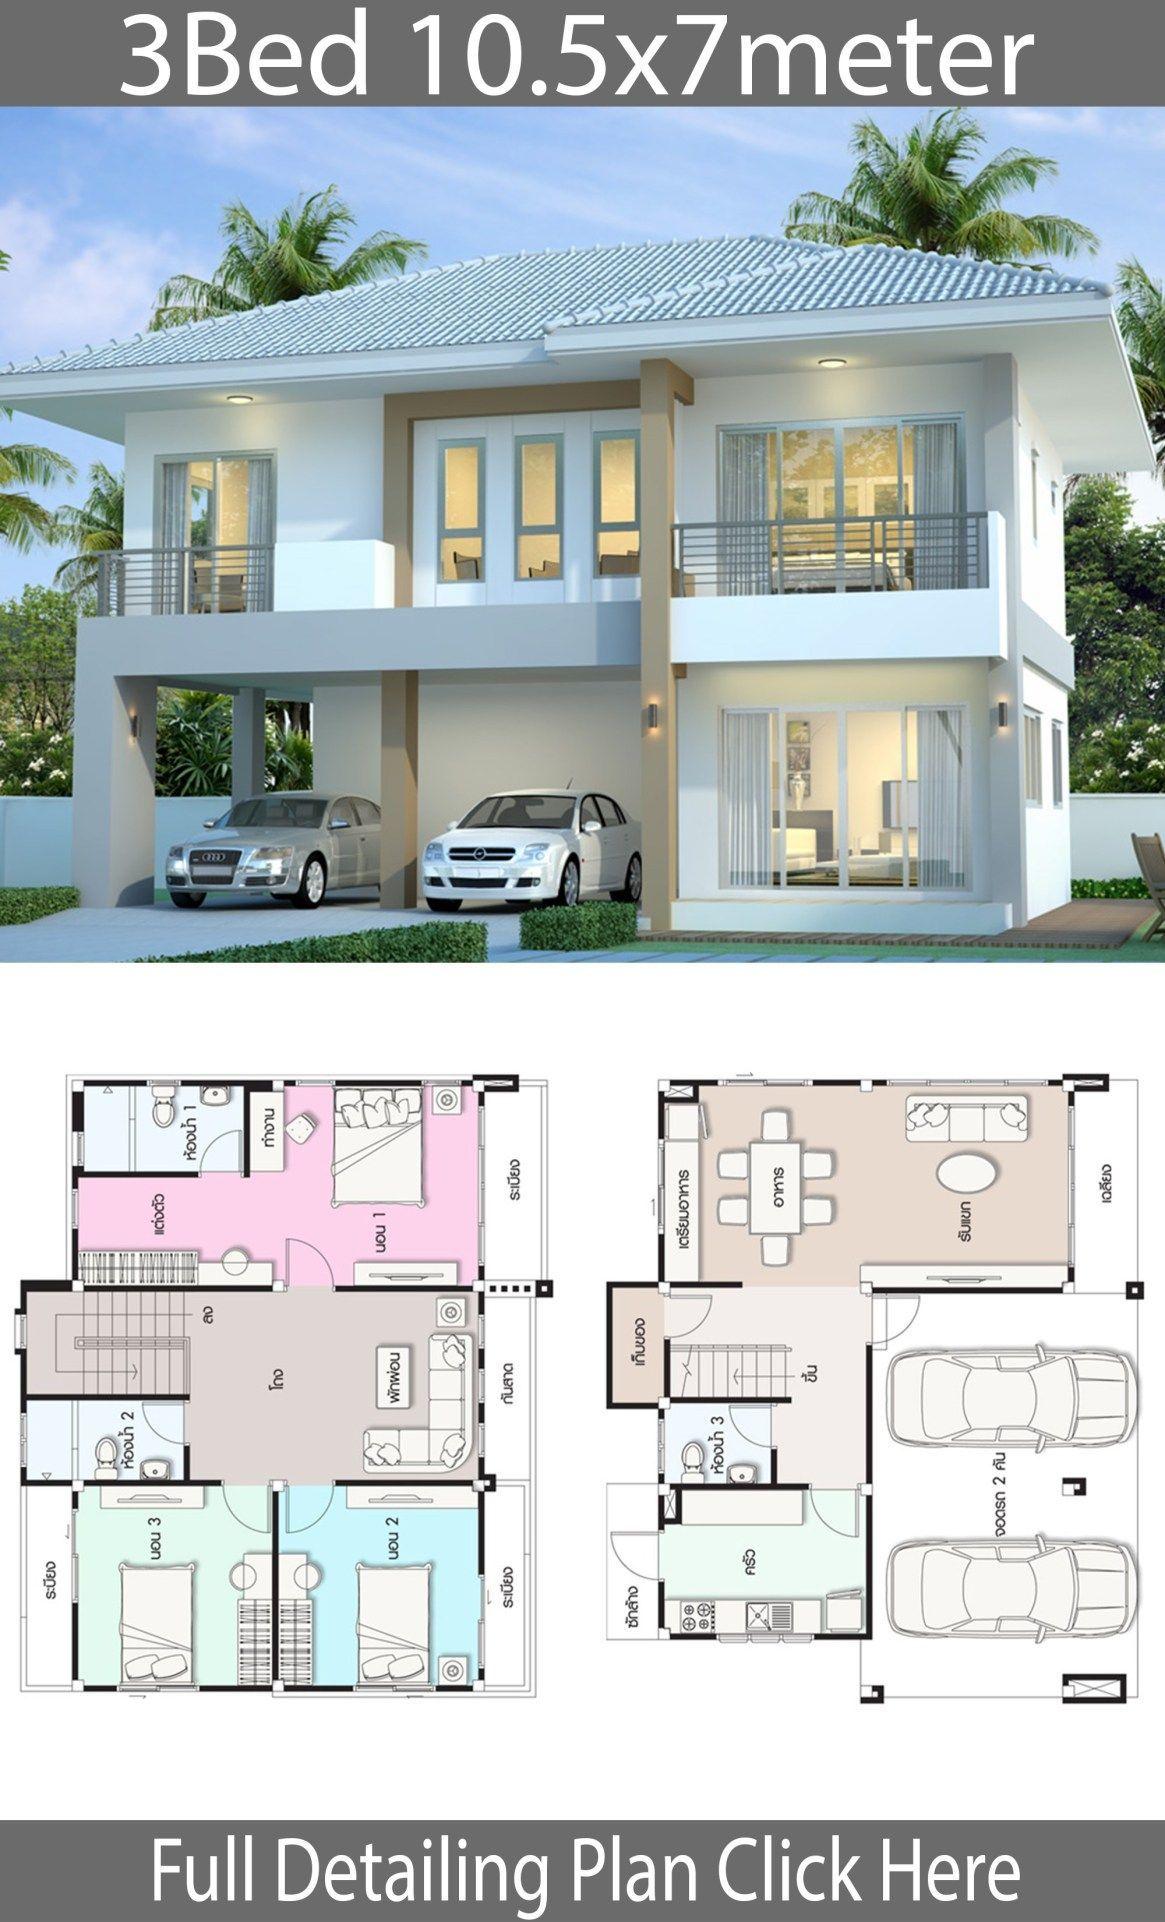 Moderne Und Kleine Hauser Funktionale Gebaude Und Voller Personlichkeit M Architek Building Plans House House Construction Plan Beautiful House Plans